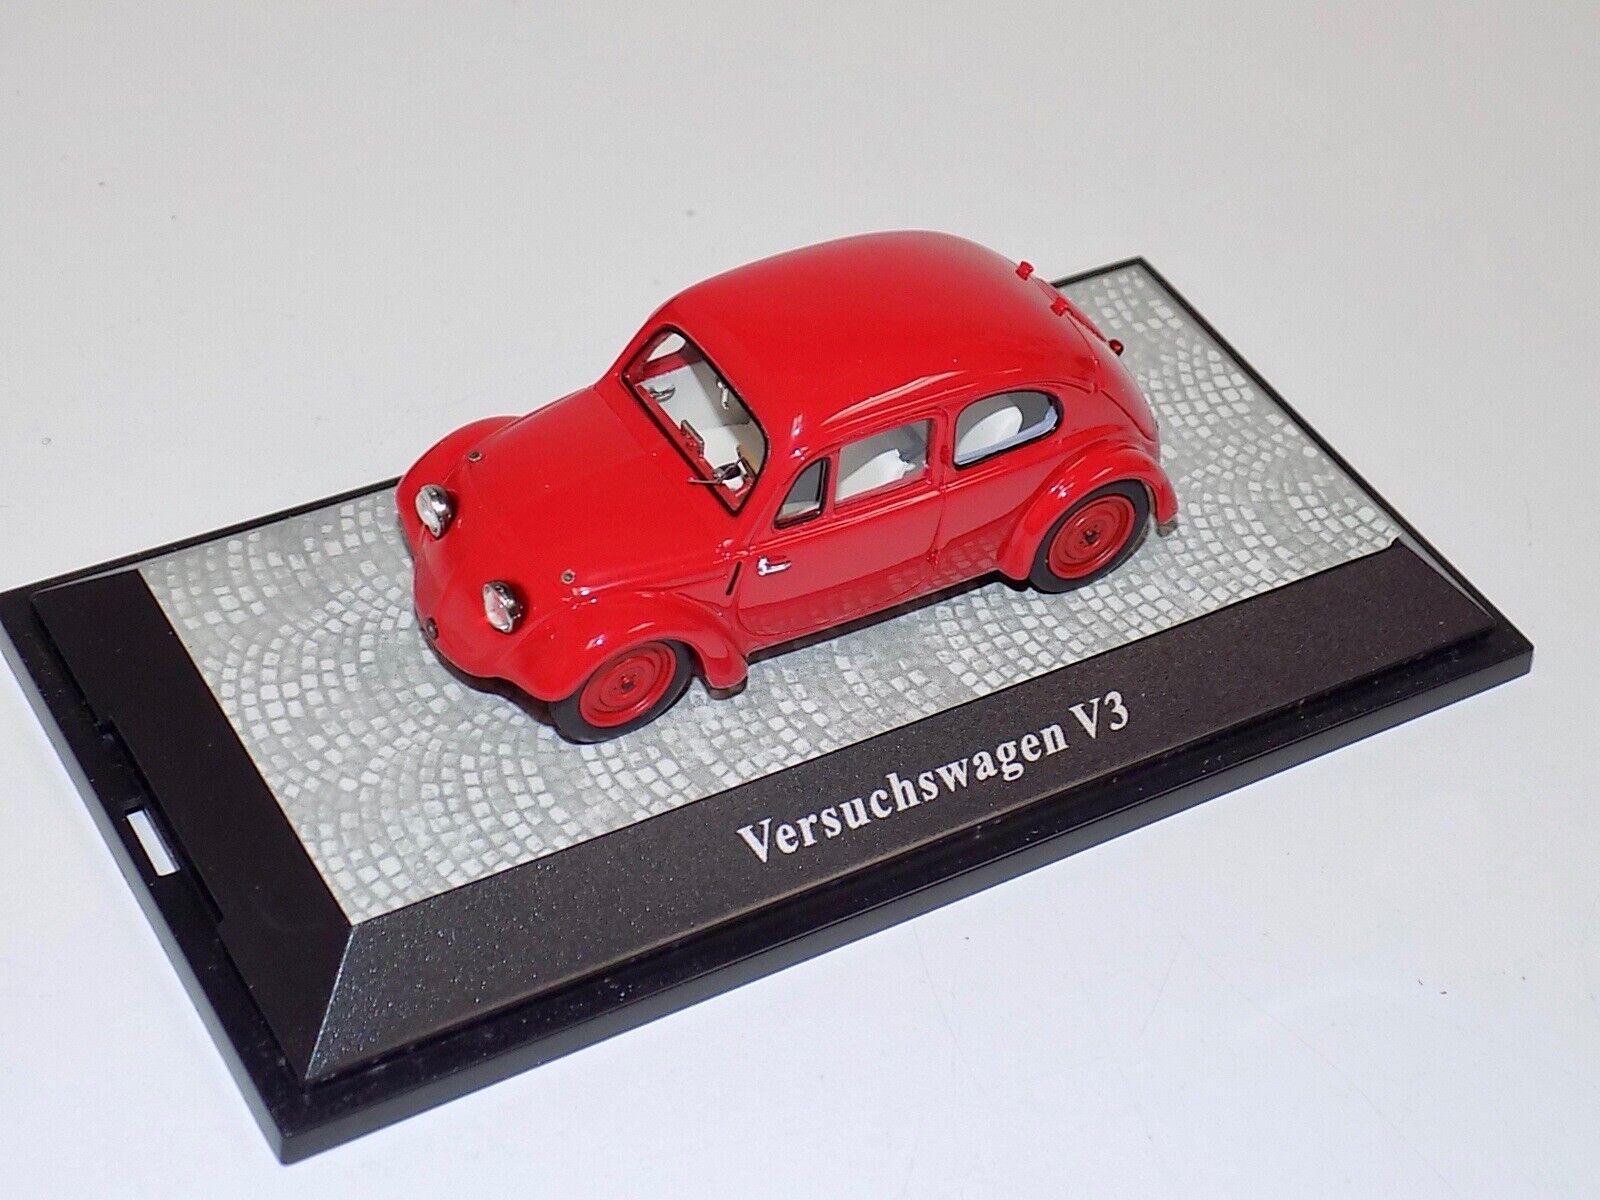 1 43 Premium ClassiXXs Volkswagen V3 prossootipo en rosso Limited 750